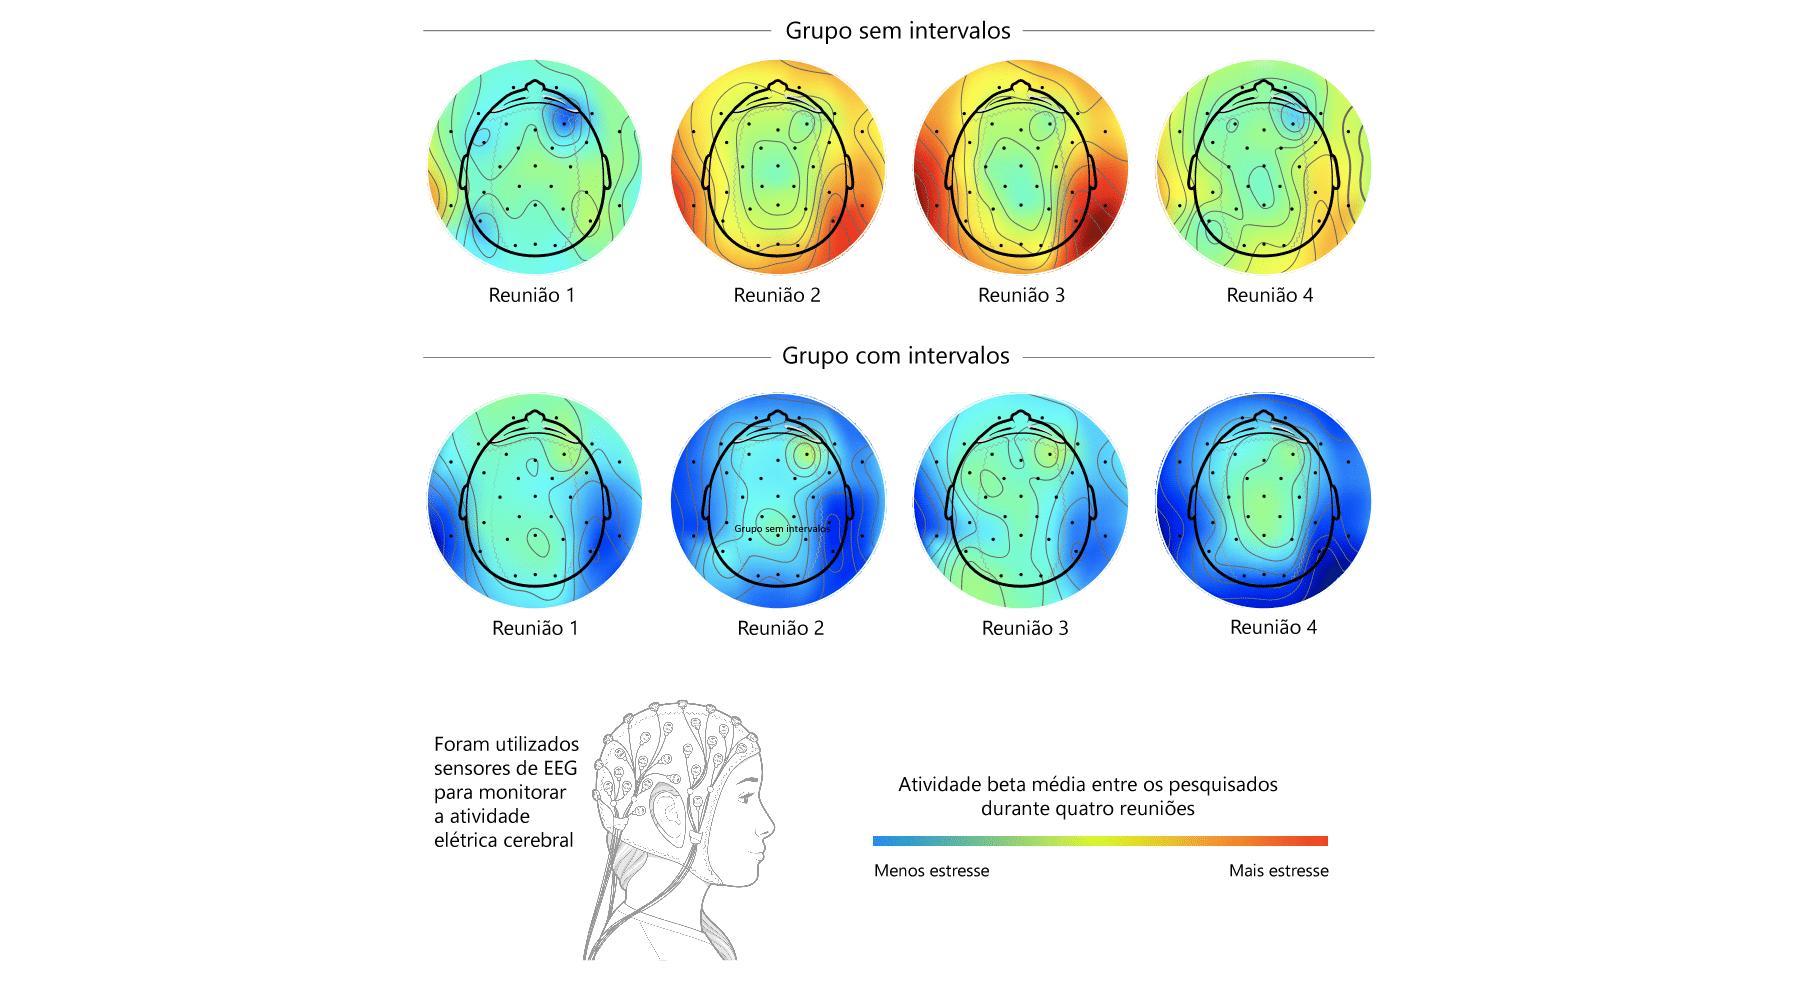 Um infográfico mostra como os intervalos entre as reuniões afetam o cérebro, impedindo o acúmulo de atividade das ondas beta, que está associada ao estresse.